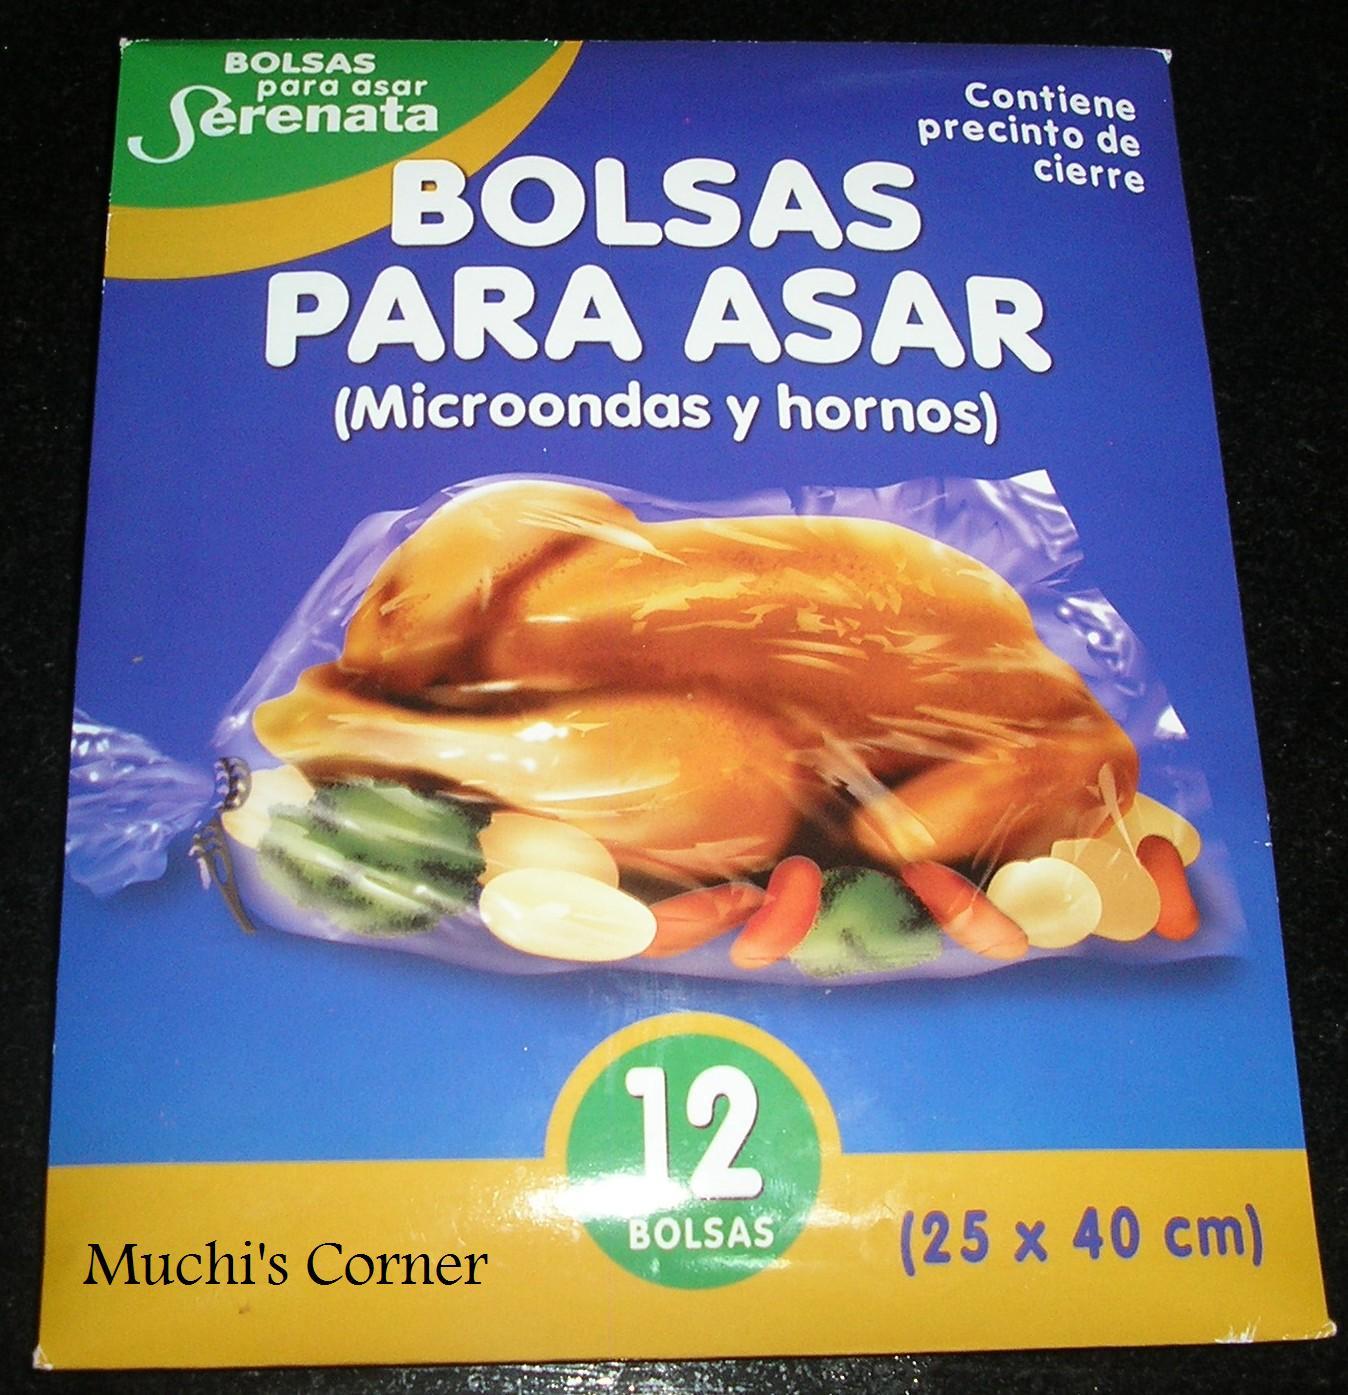 Muchi 39 s corner pescado con verduras al horno en bolsa paso a paso - Cocinar pescado en microondas ...